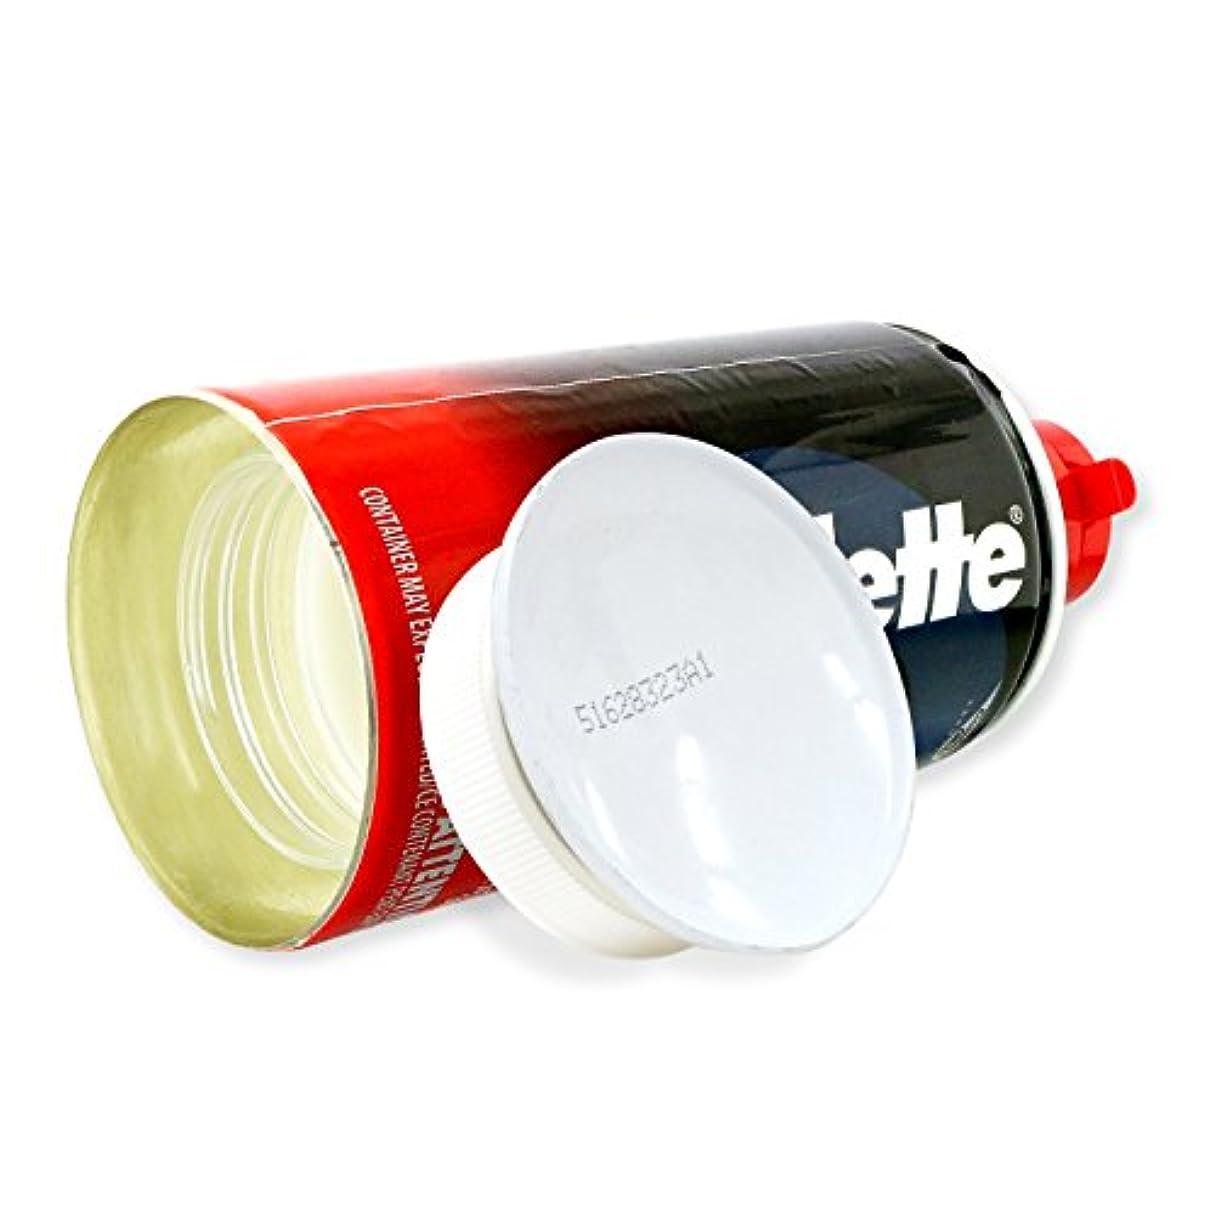 チャンバー勝者シミュレートする隠し金庫 シェービングクリーム型 収納 セーフティボックス 『SECRET SAFE シークレットセーフ』(OA-666) Gillette Shaving Cream アメリカン雑貨 米国直輸入 貴重品の保管 タンス貯金...